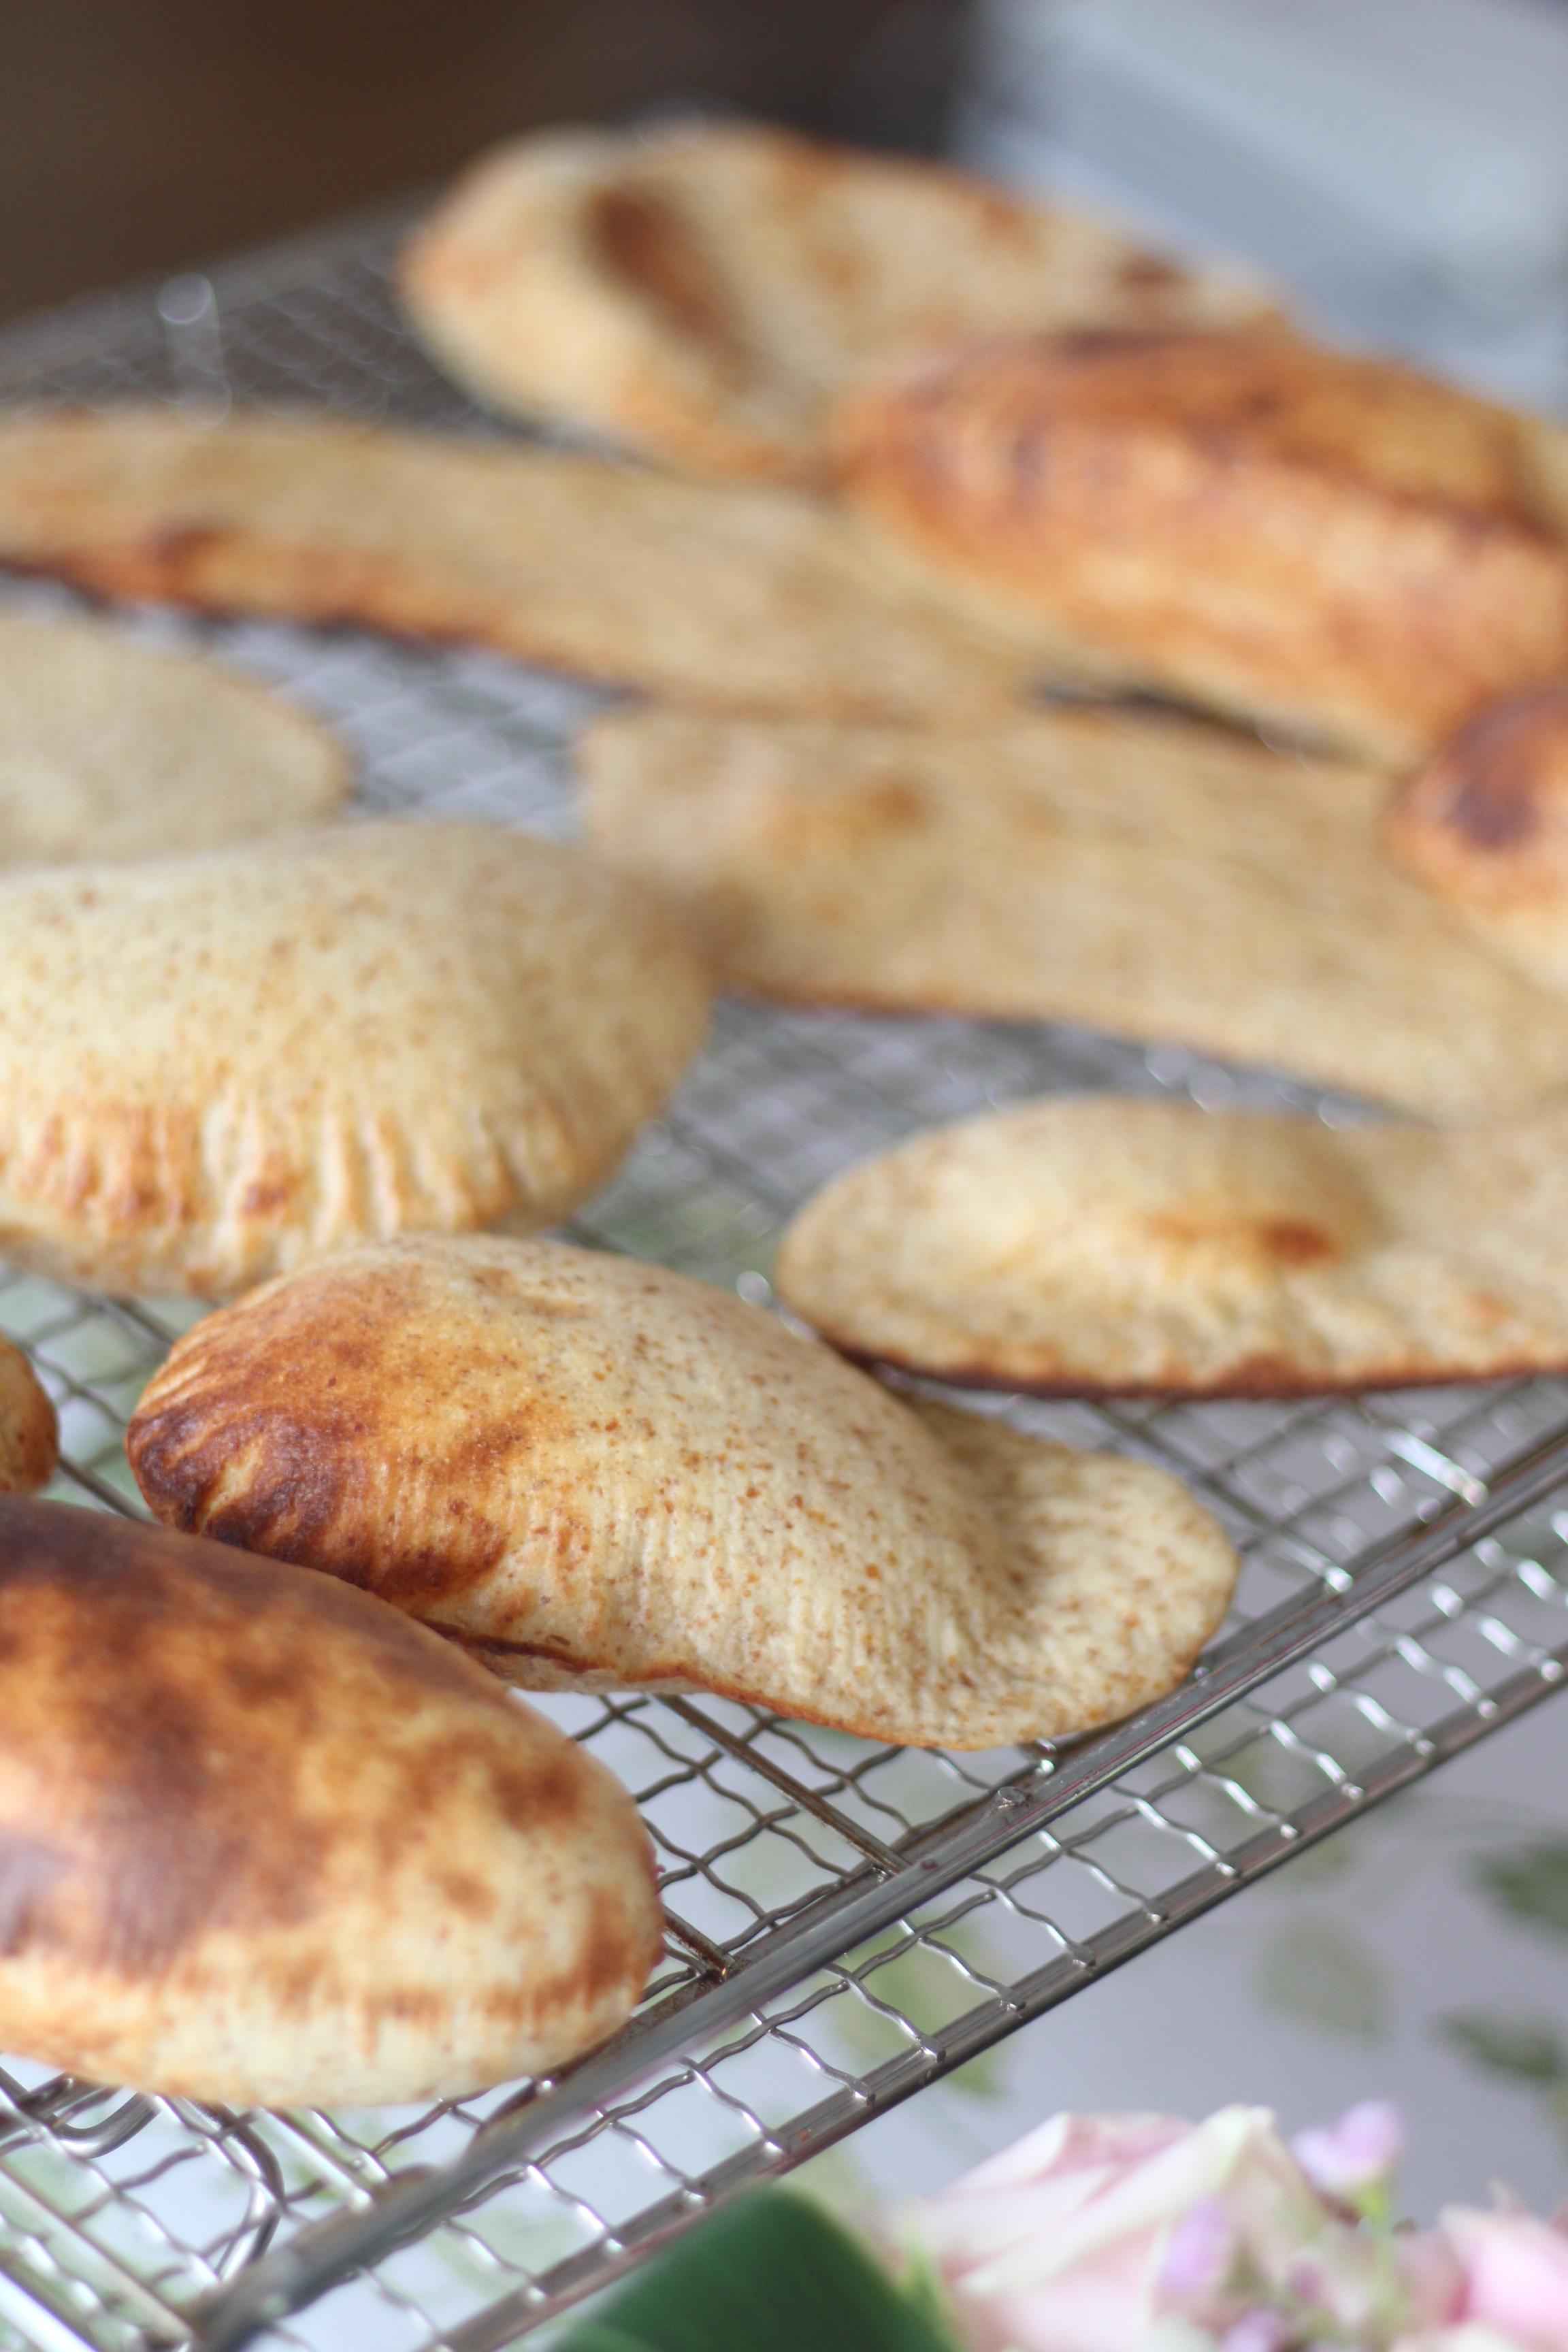 京都江部粉ベーシックコース3回目『シナモンロール&ピタパン』a-ta-sante糖質制限パン料理教室、阿部肉西田辺。